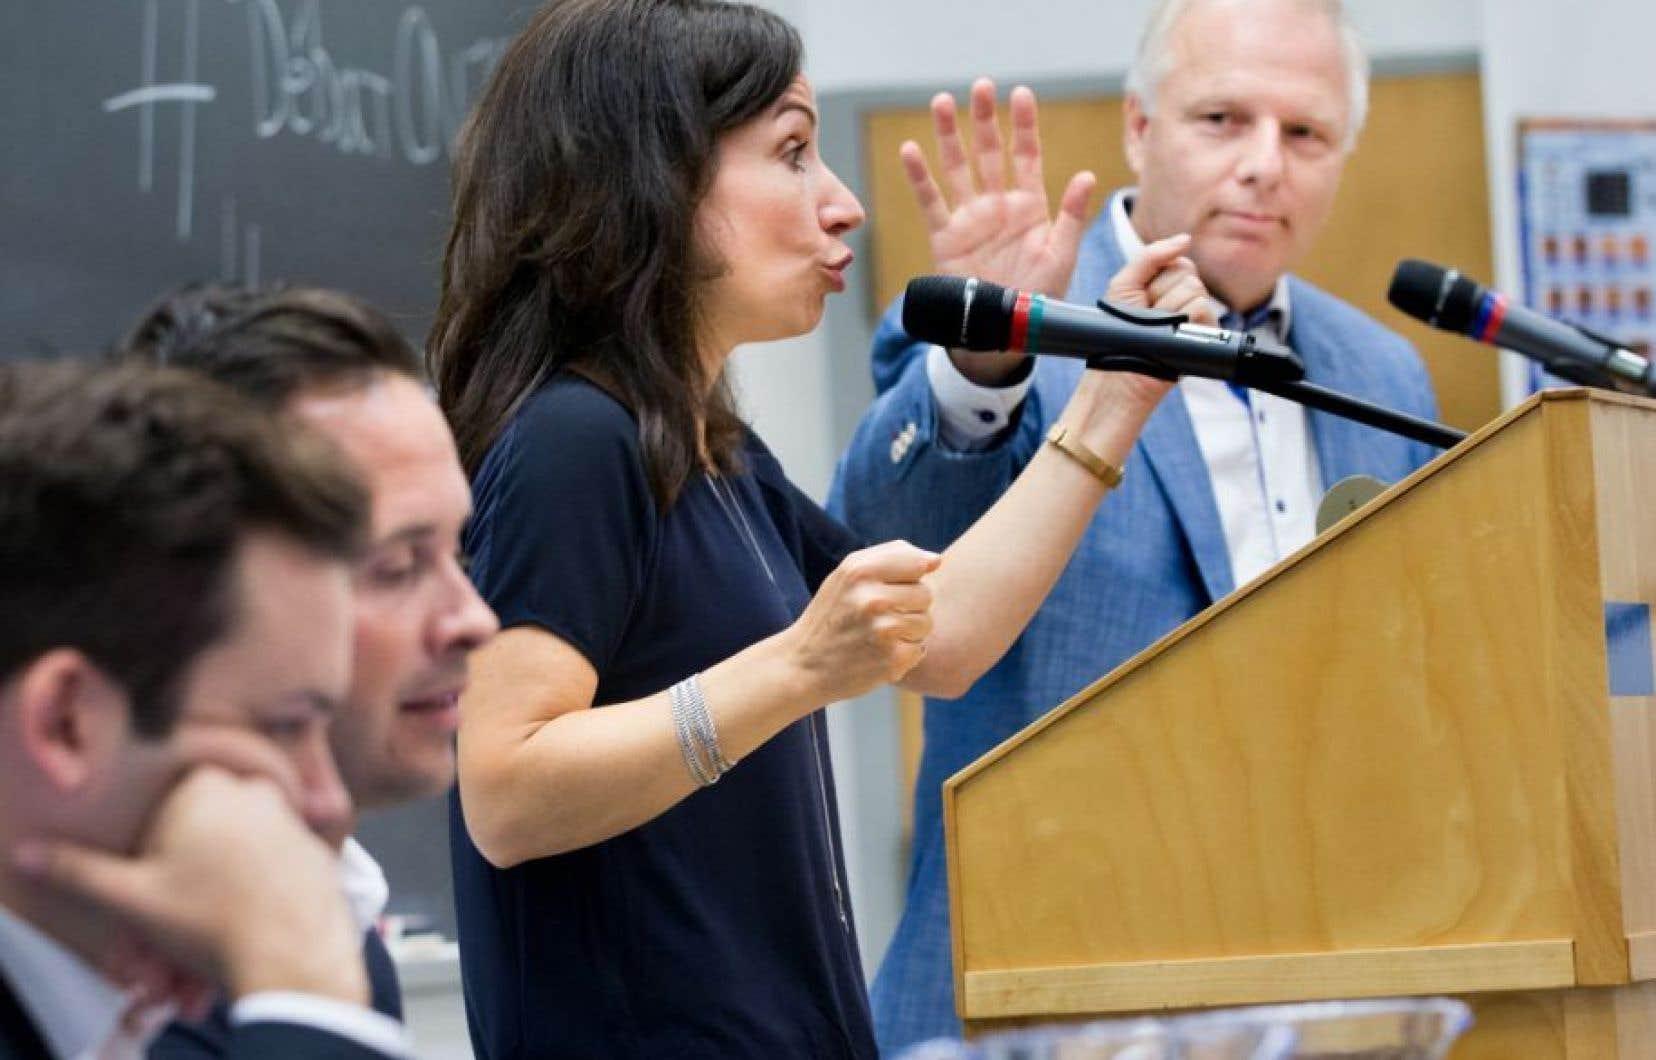 Les quatre candidats à la course à la chefferie du Parti québécois, Paul St-Pierre Plamondon, Alexandre Cloutier, Martine Ouellet et Jean-François Lisée